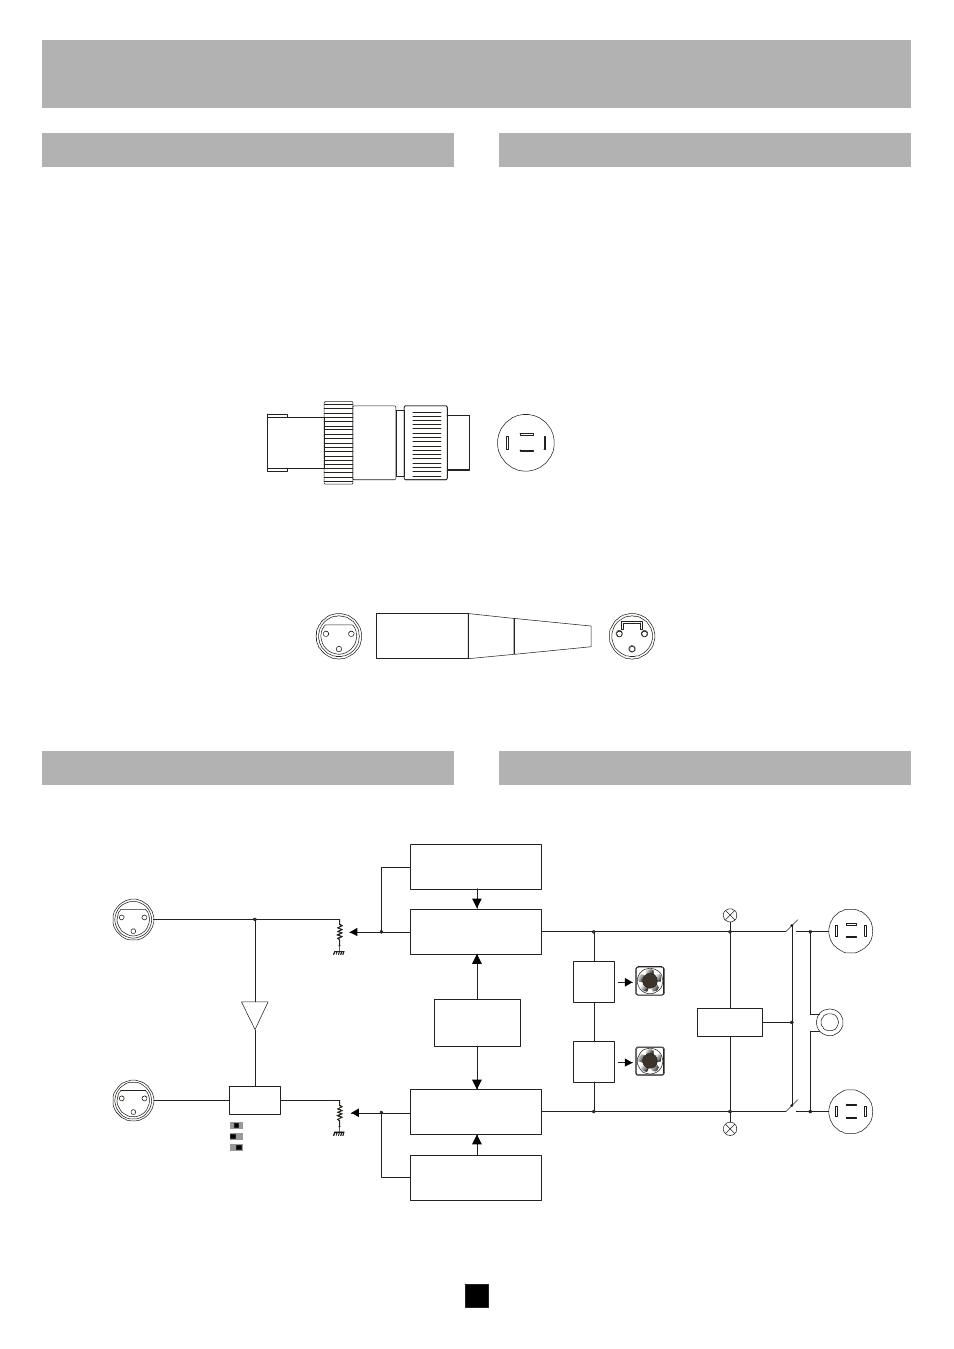 Italiano English Ch2 Ch1 Speakon Fbt Symbol 18000 User Manual Wire Schematic Pg Amp E Symbols Page 9 24